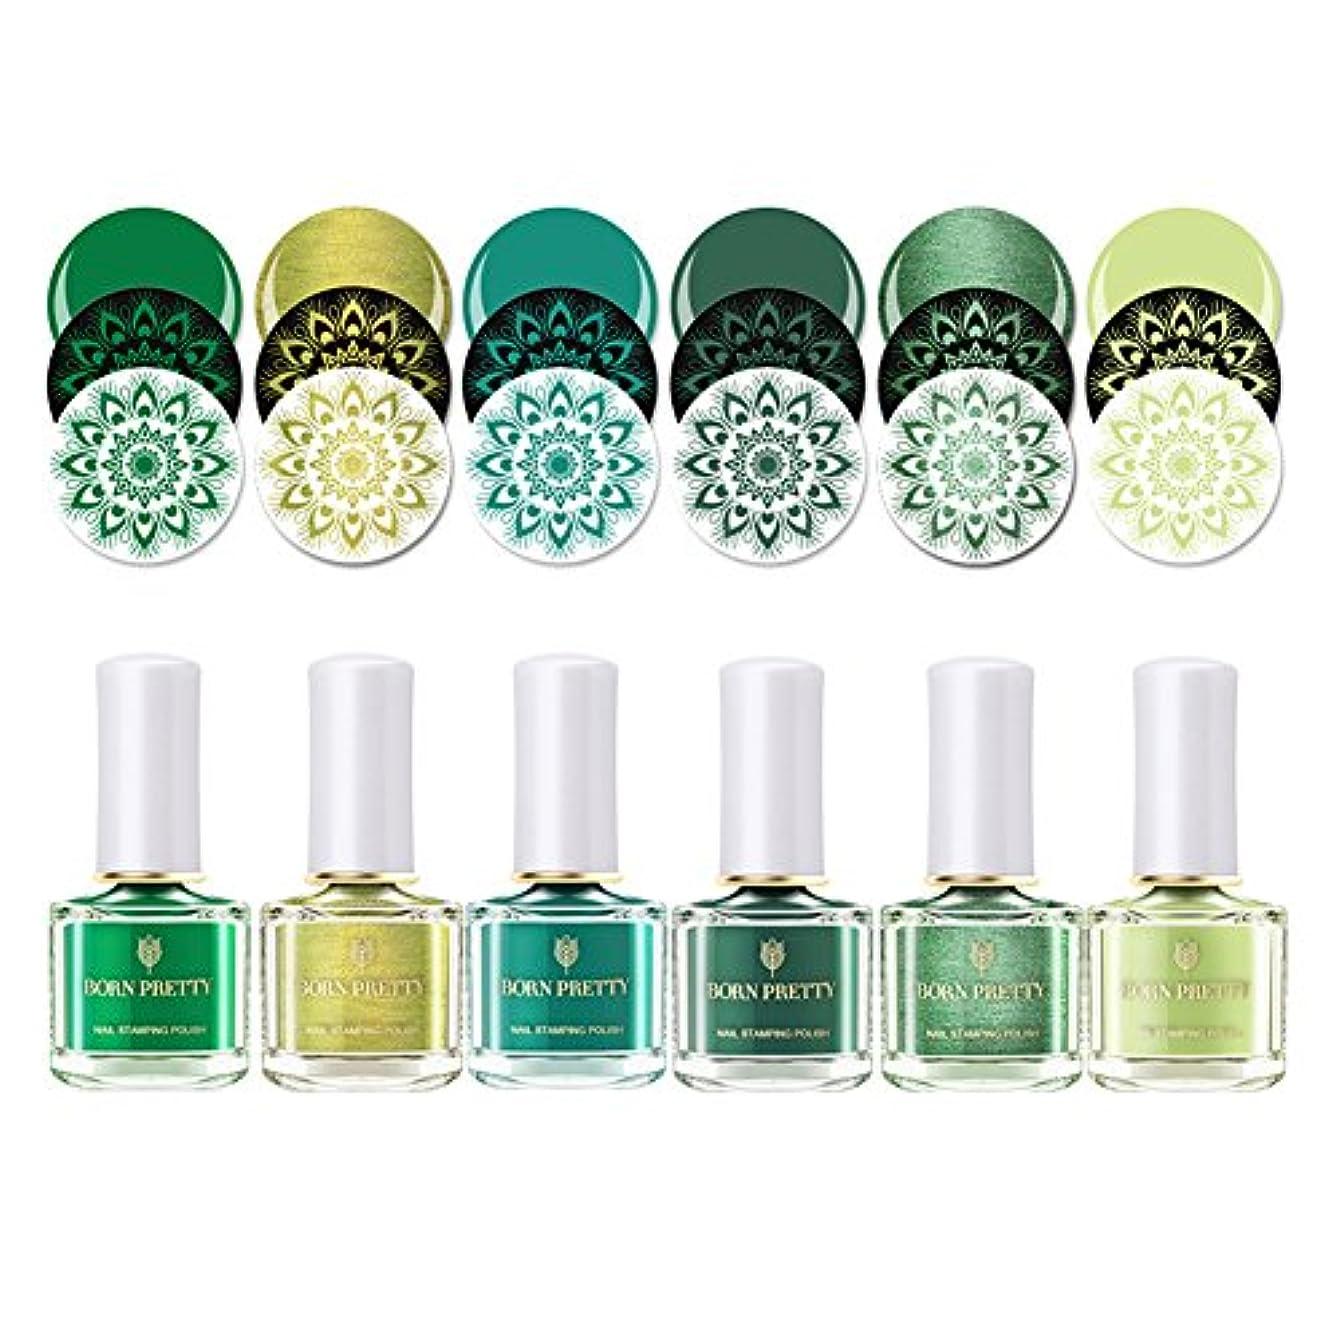 退屈させる方法原子BORN PRETTY スタンプネイルカラー 緑 グリーンシリーズ 6ボトル/セット 6ml スタンピングネイル専用ポリッシュ マニキュアネイルアート [並行輸入品]